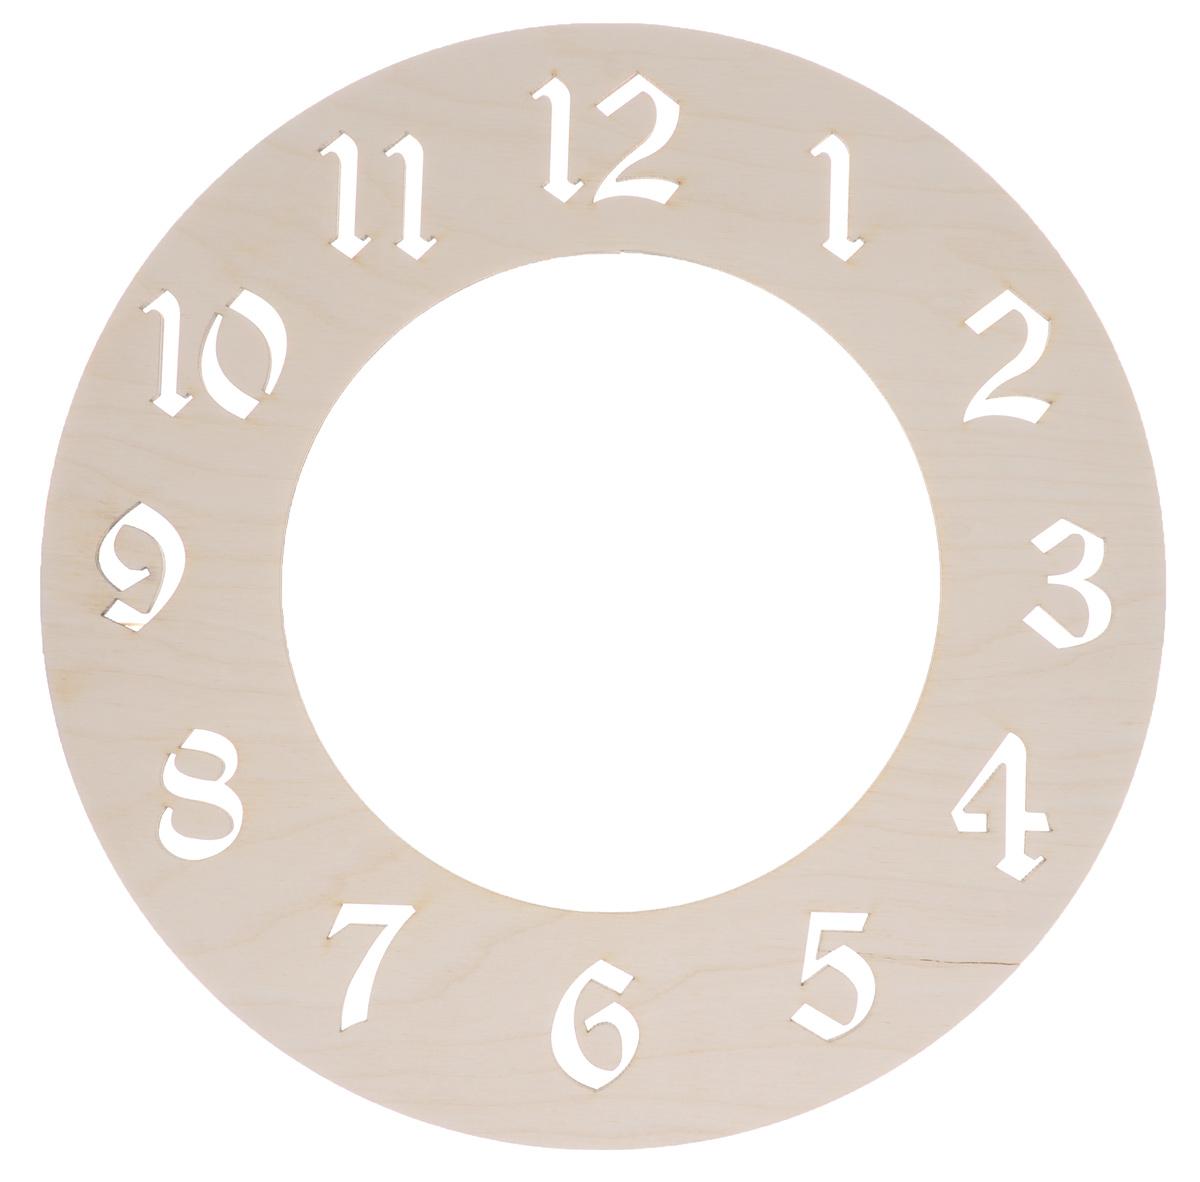 Деревянная заготовка Астра Циферблат. Арабский, диаметр 24 см692263Заготовка Астра Циферблат. Арабский изготовлена из дерева. Изделие станет хорошим объектом для вашего творчества и занятий декупажем. А присоединив к украшенной заготовке часовой механизм у вас получатся оригинальные часы. Заготовка, раскрашенная красками, будет прекрасным украшением интерьера или отличным подарком. Часовой механизм в комплект не входит.